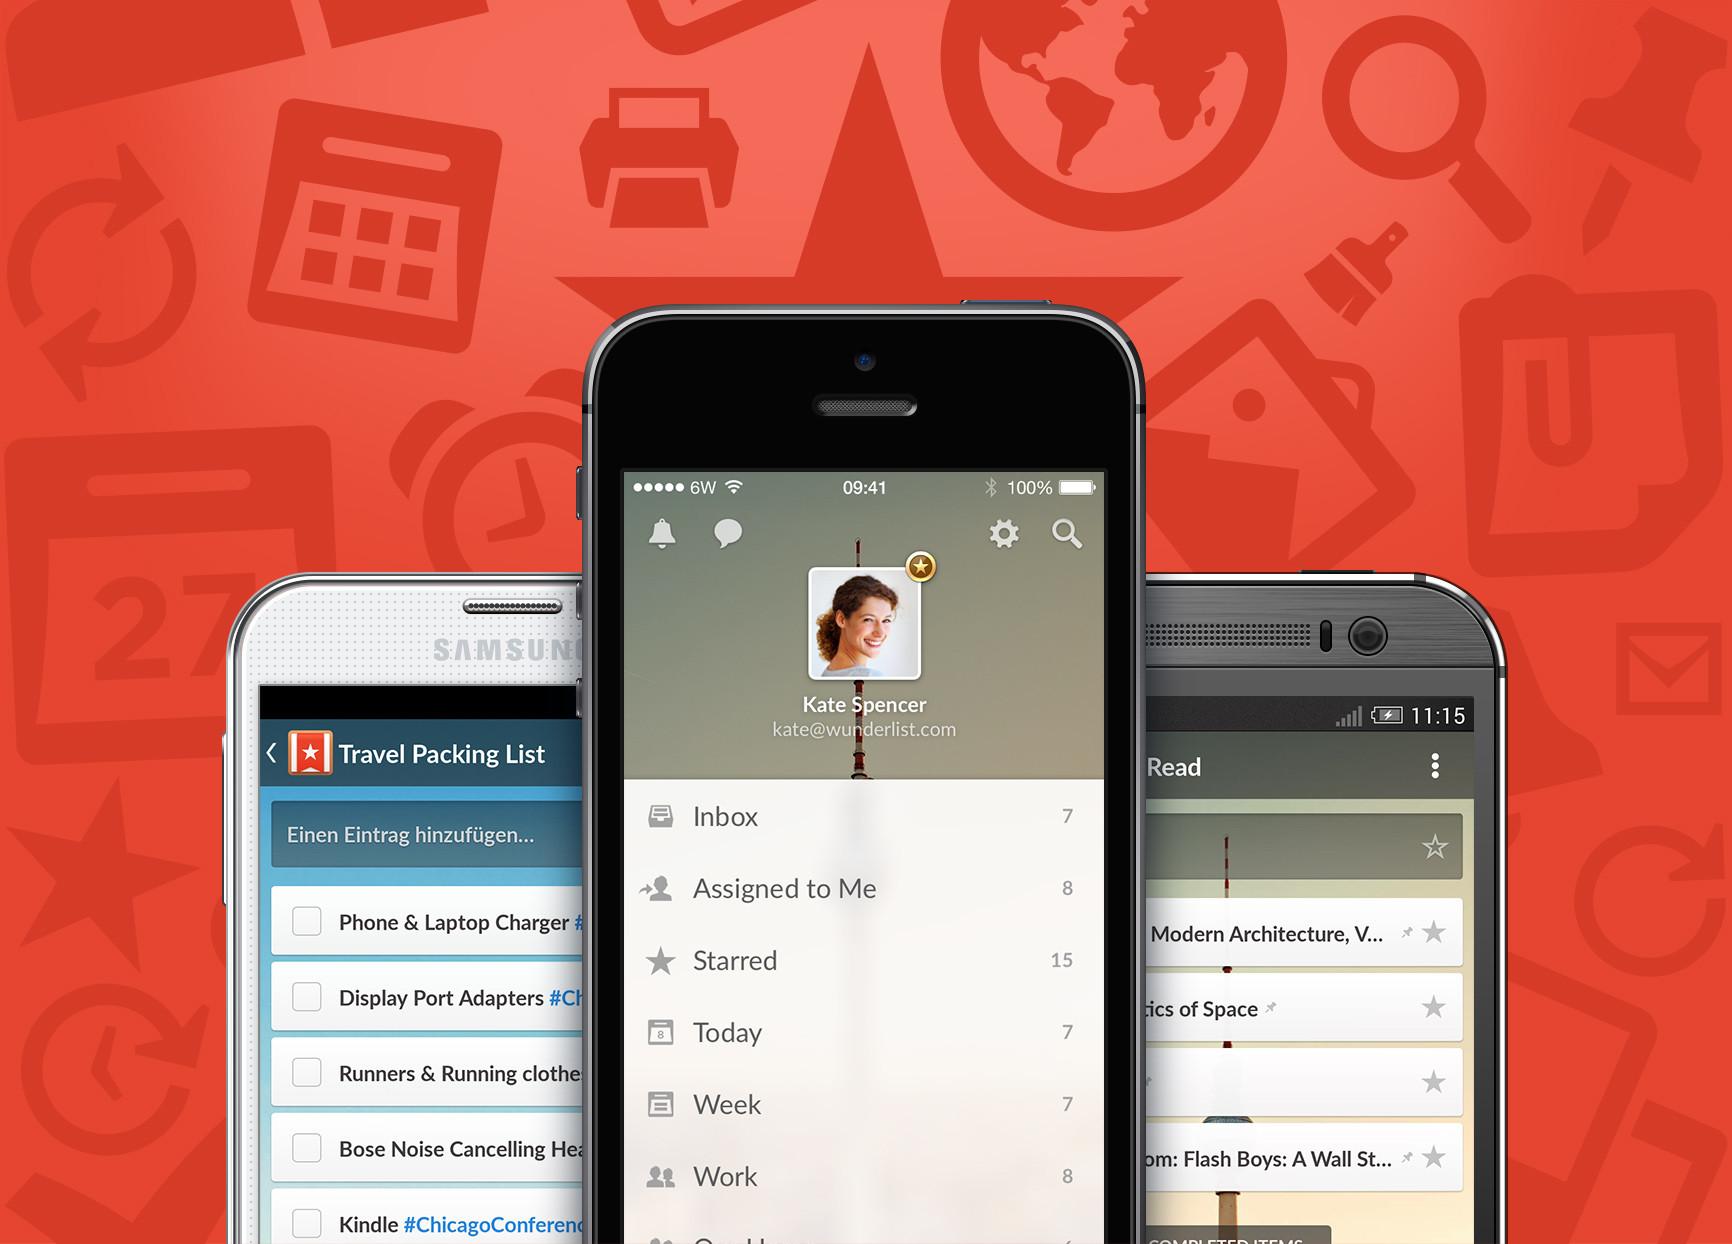 najbolje aplikacije za iphone 2015 kako znati želi li se zakačiti